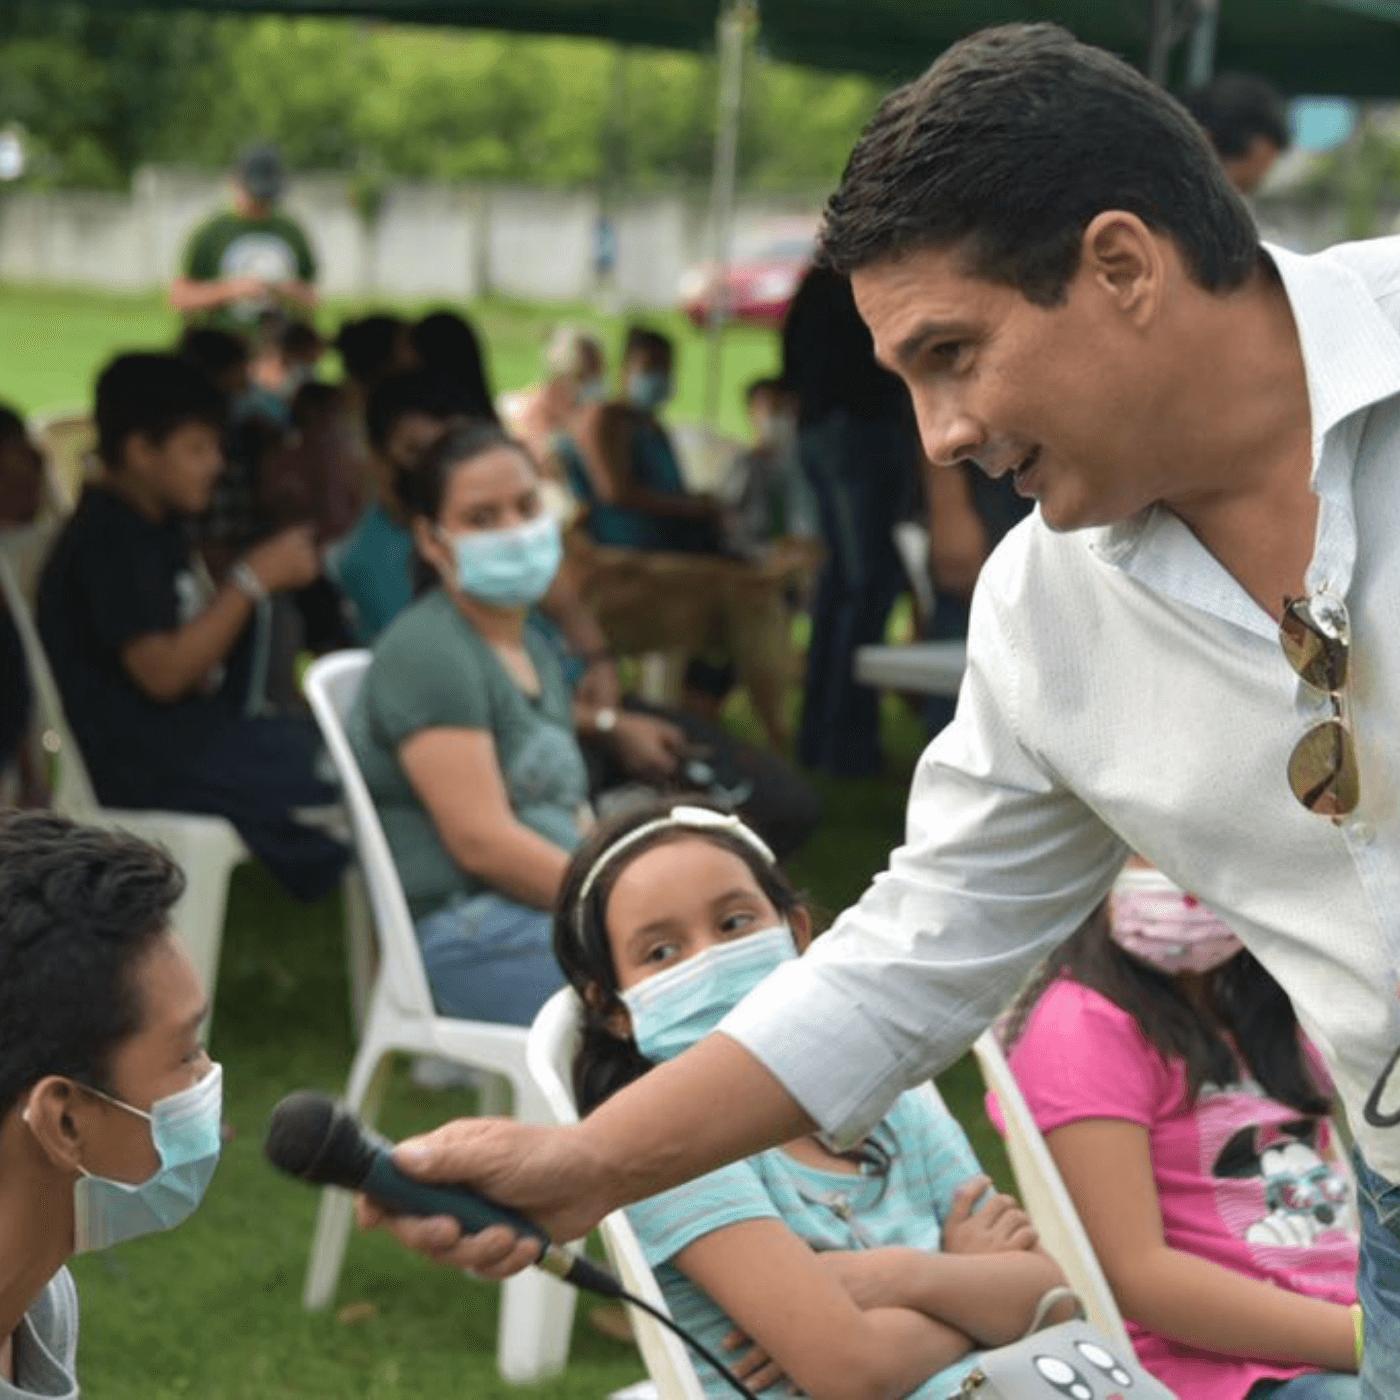 La Educación En Santa Tecla Un Referente En El Salvador. D'Aubuisson y niño. Fotografía. Roberto d'Aubuisson. 2021